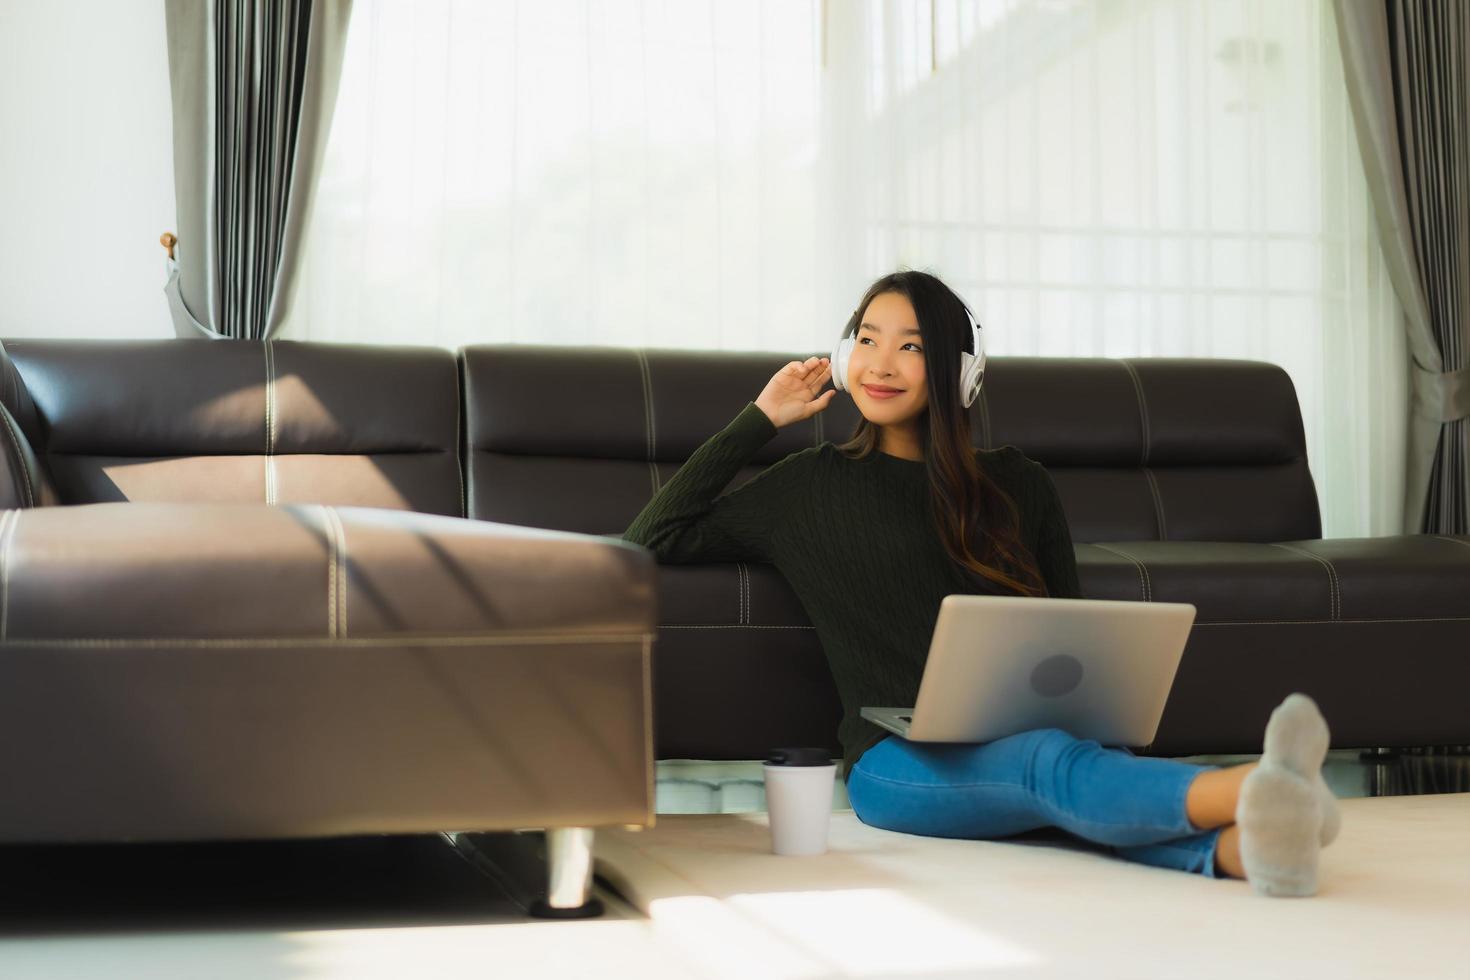 asiatische Frau, die Musik auf Laptop hört foto